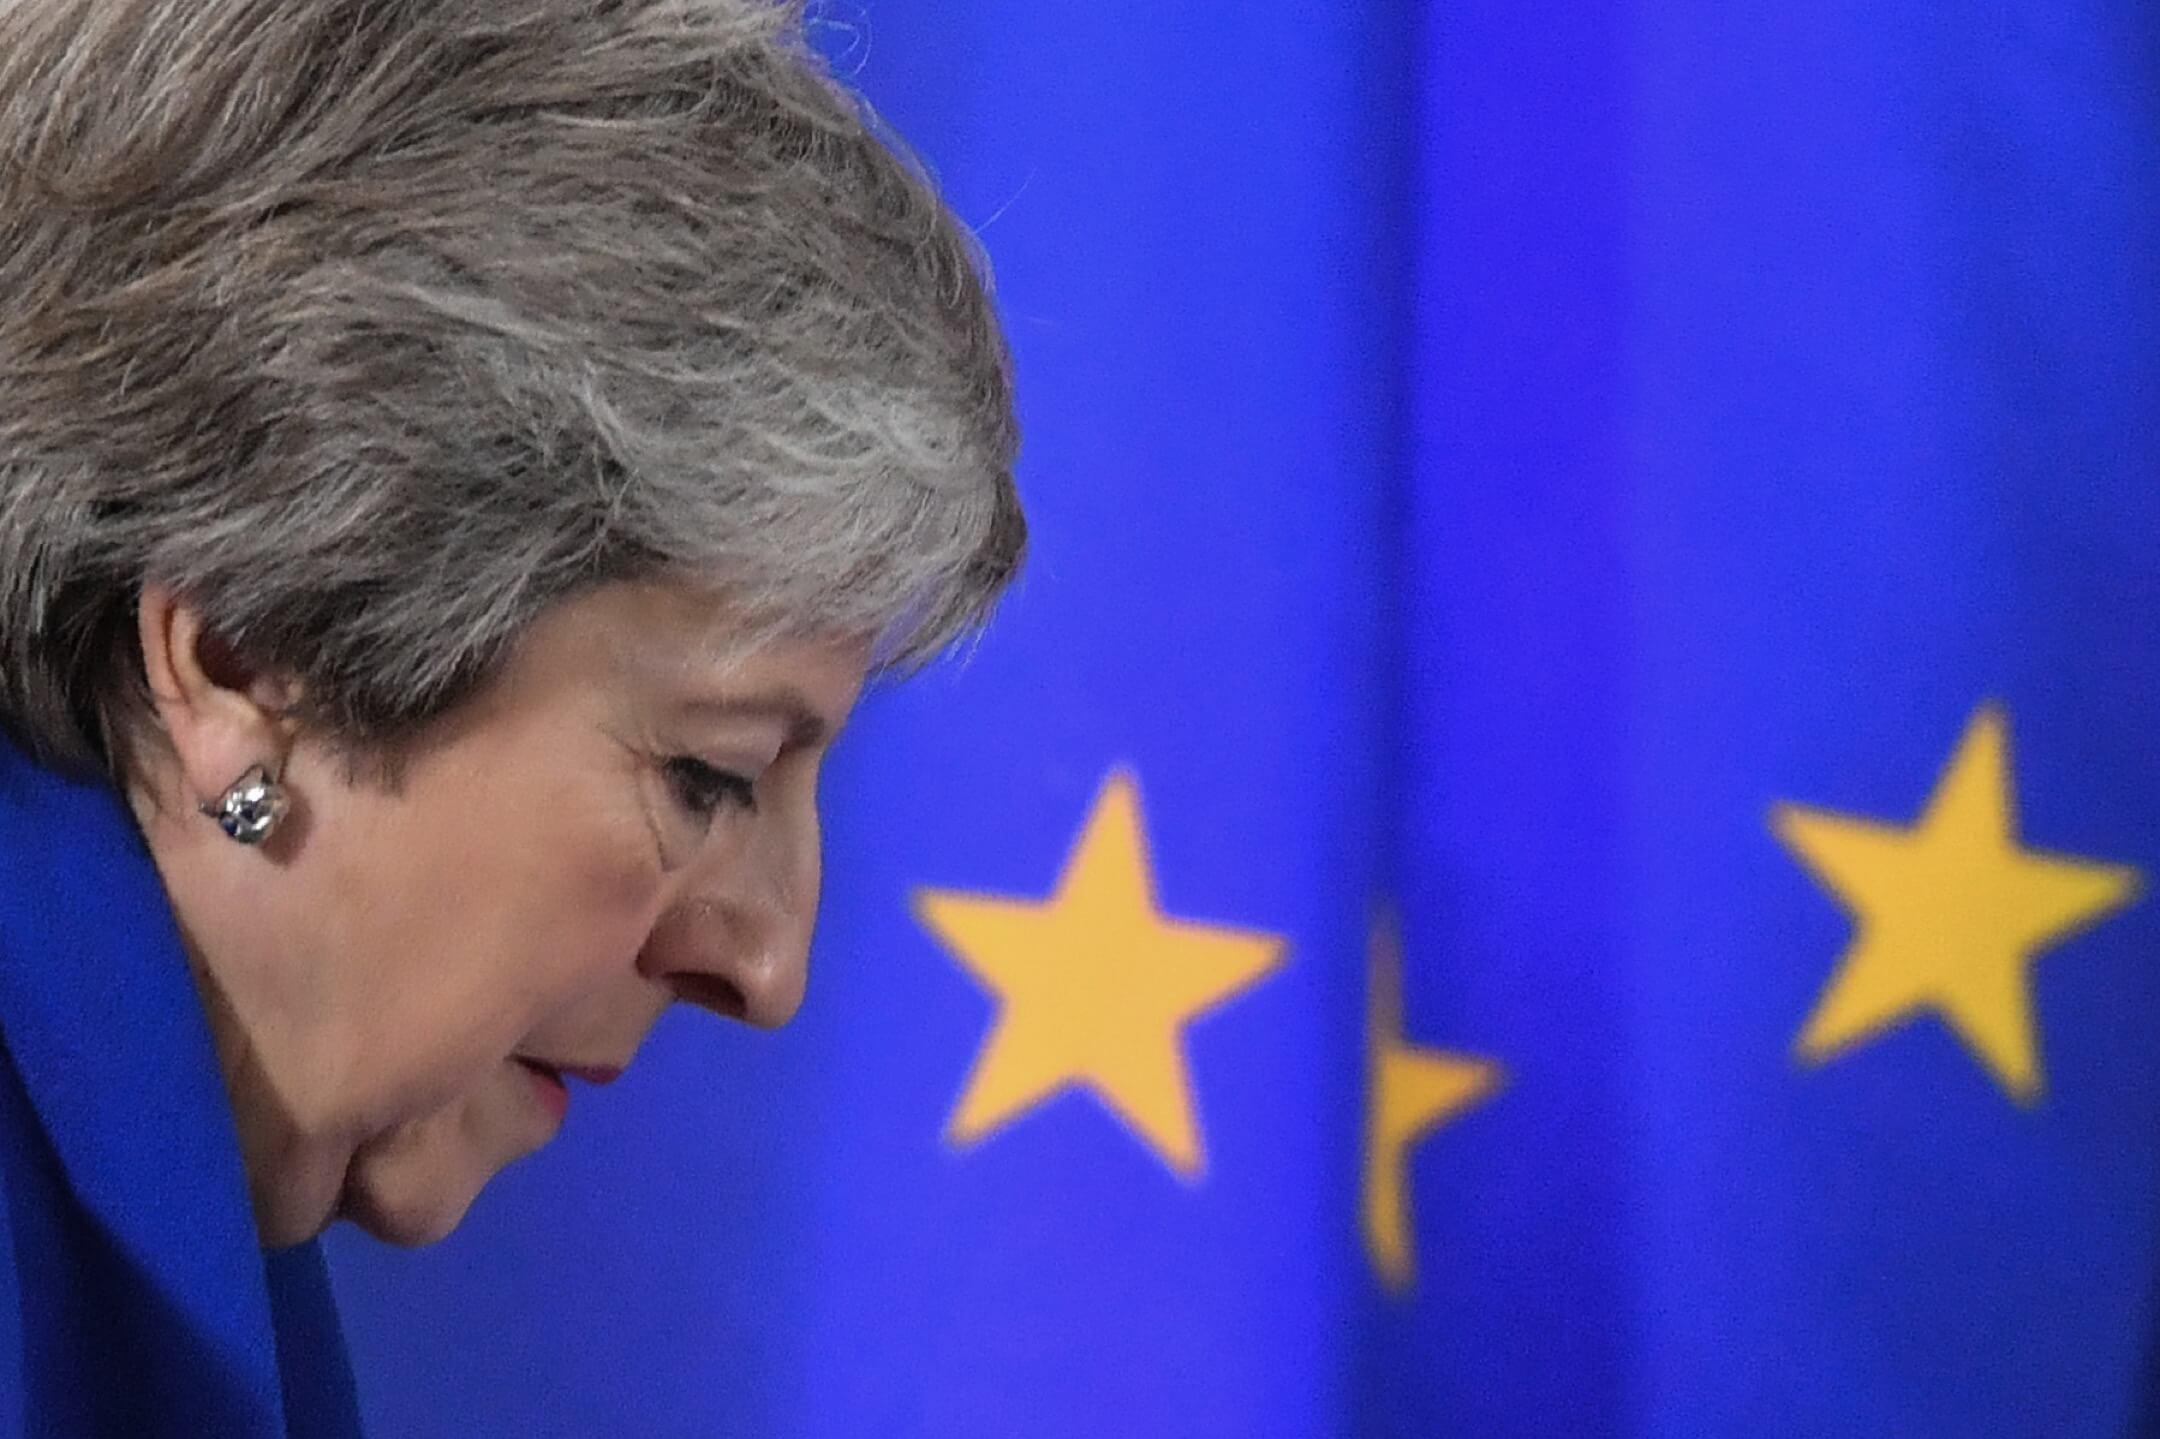 12月11日,英國首相文翠珊將攜帶這份協議在英國議會接受投票,被視為脱歐協議的生死一戰。 攝:Emmanuel Dunand/AFP via Getty Images